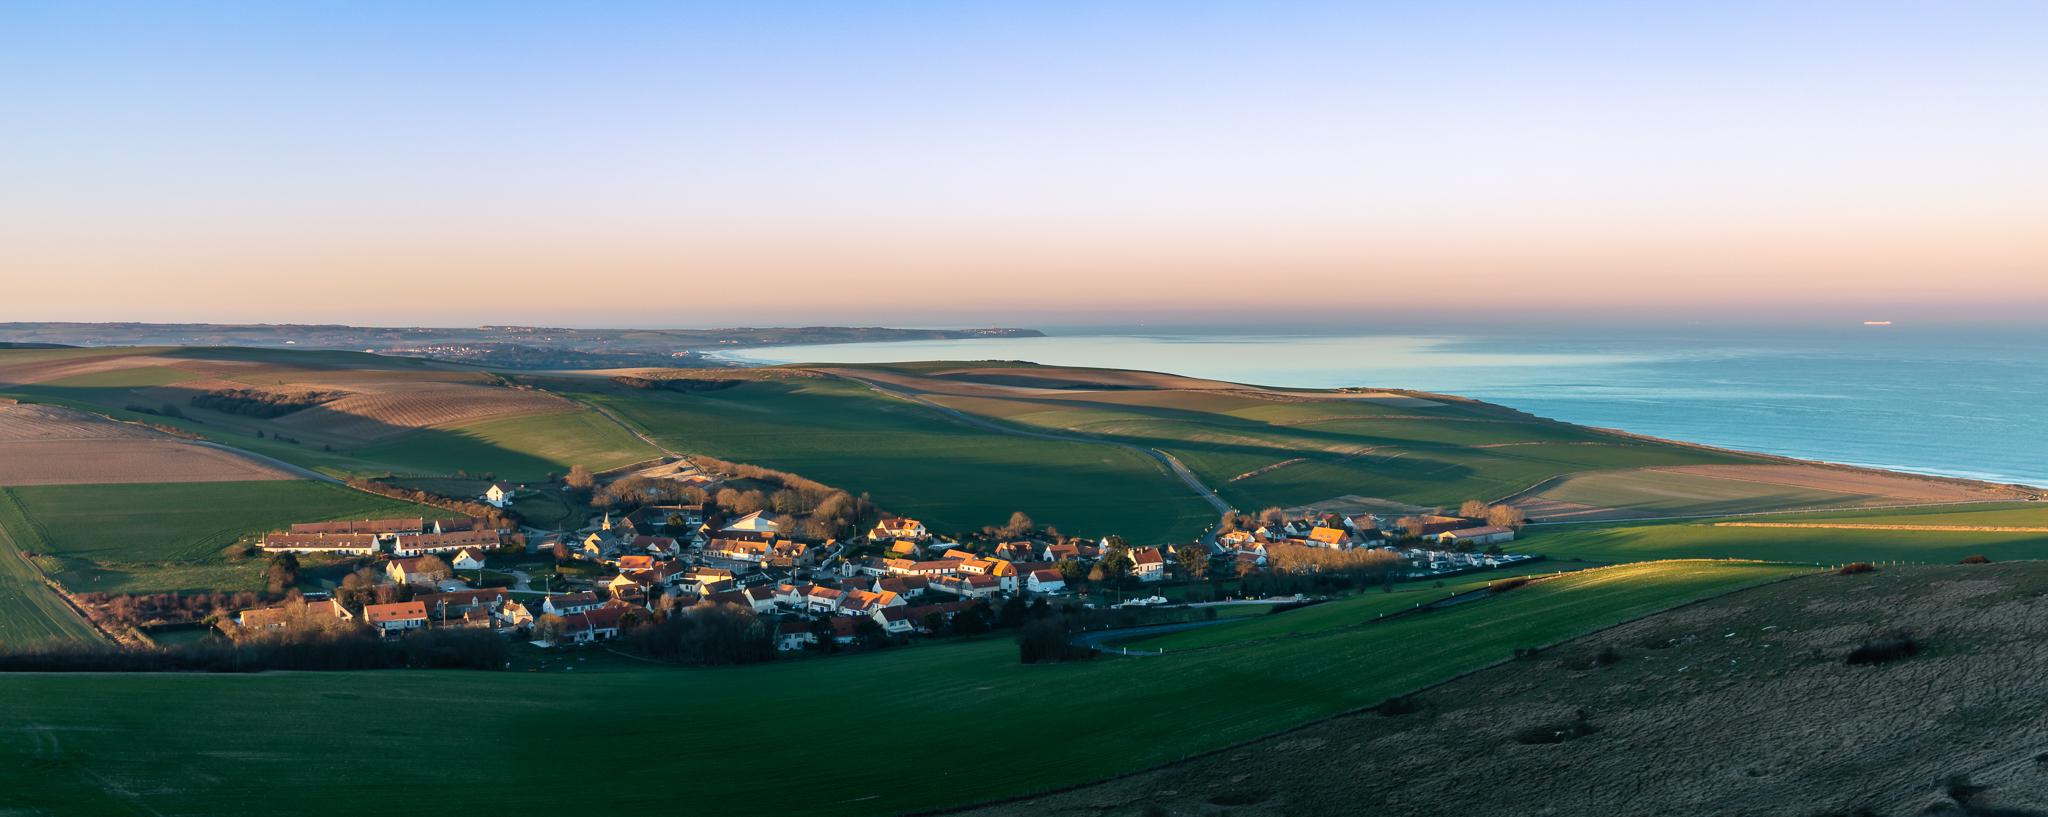 Côte d'Opale - golden hour, France